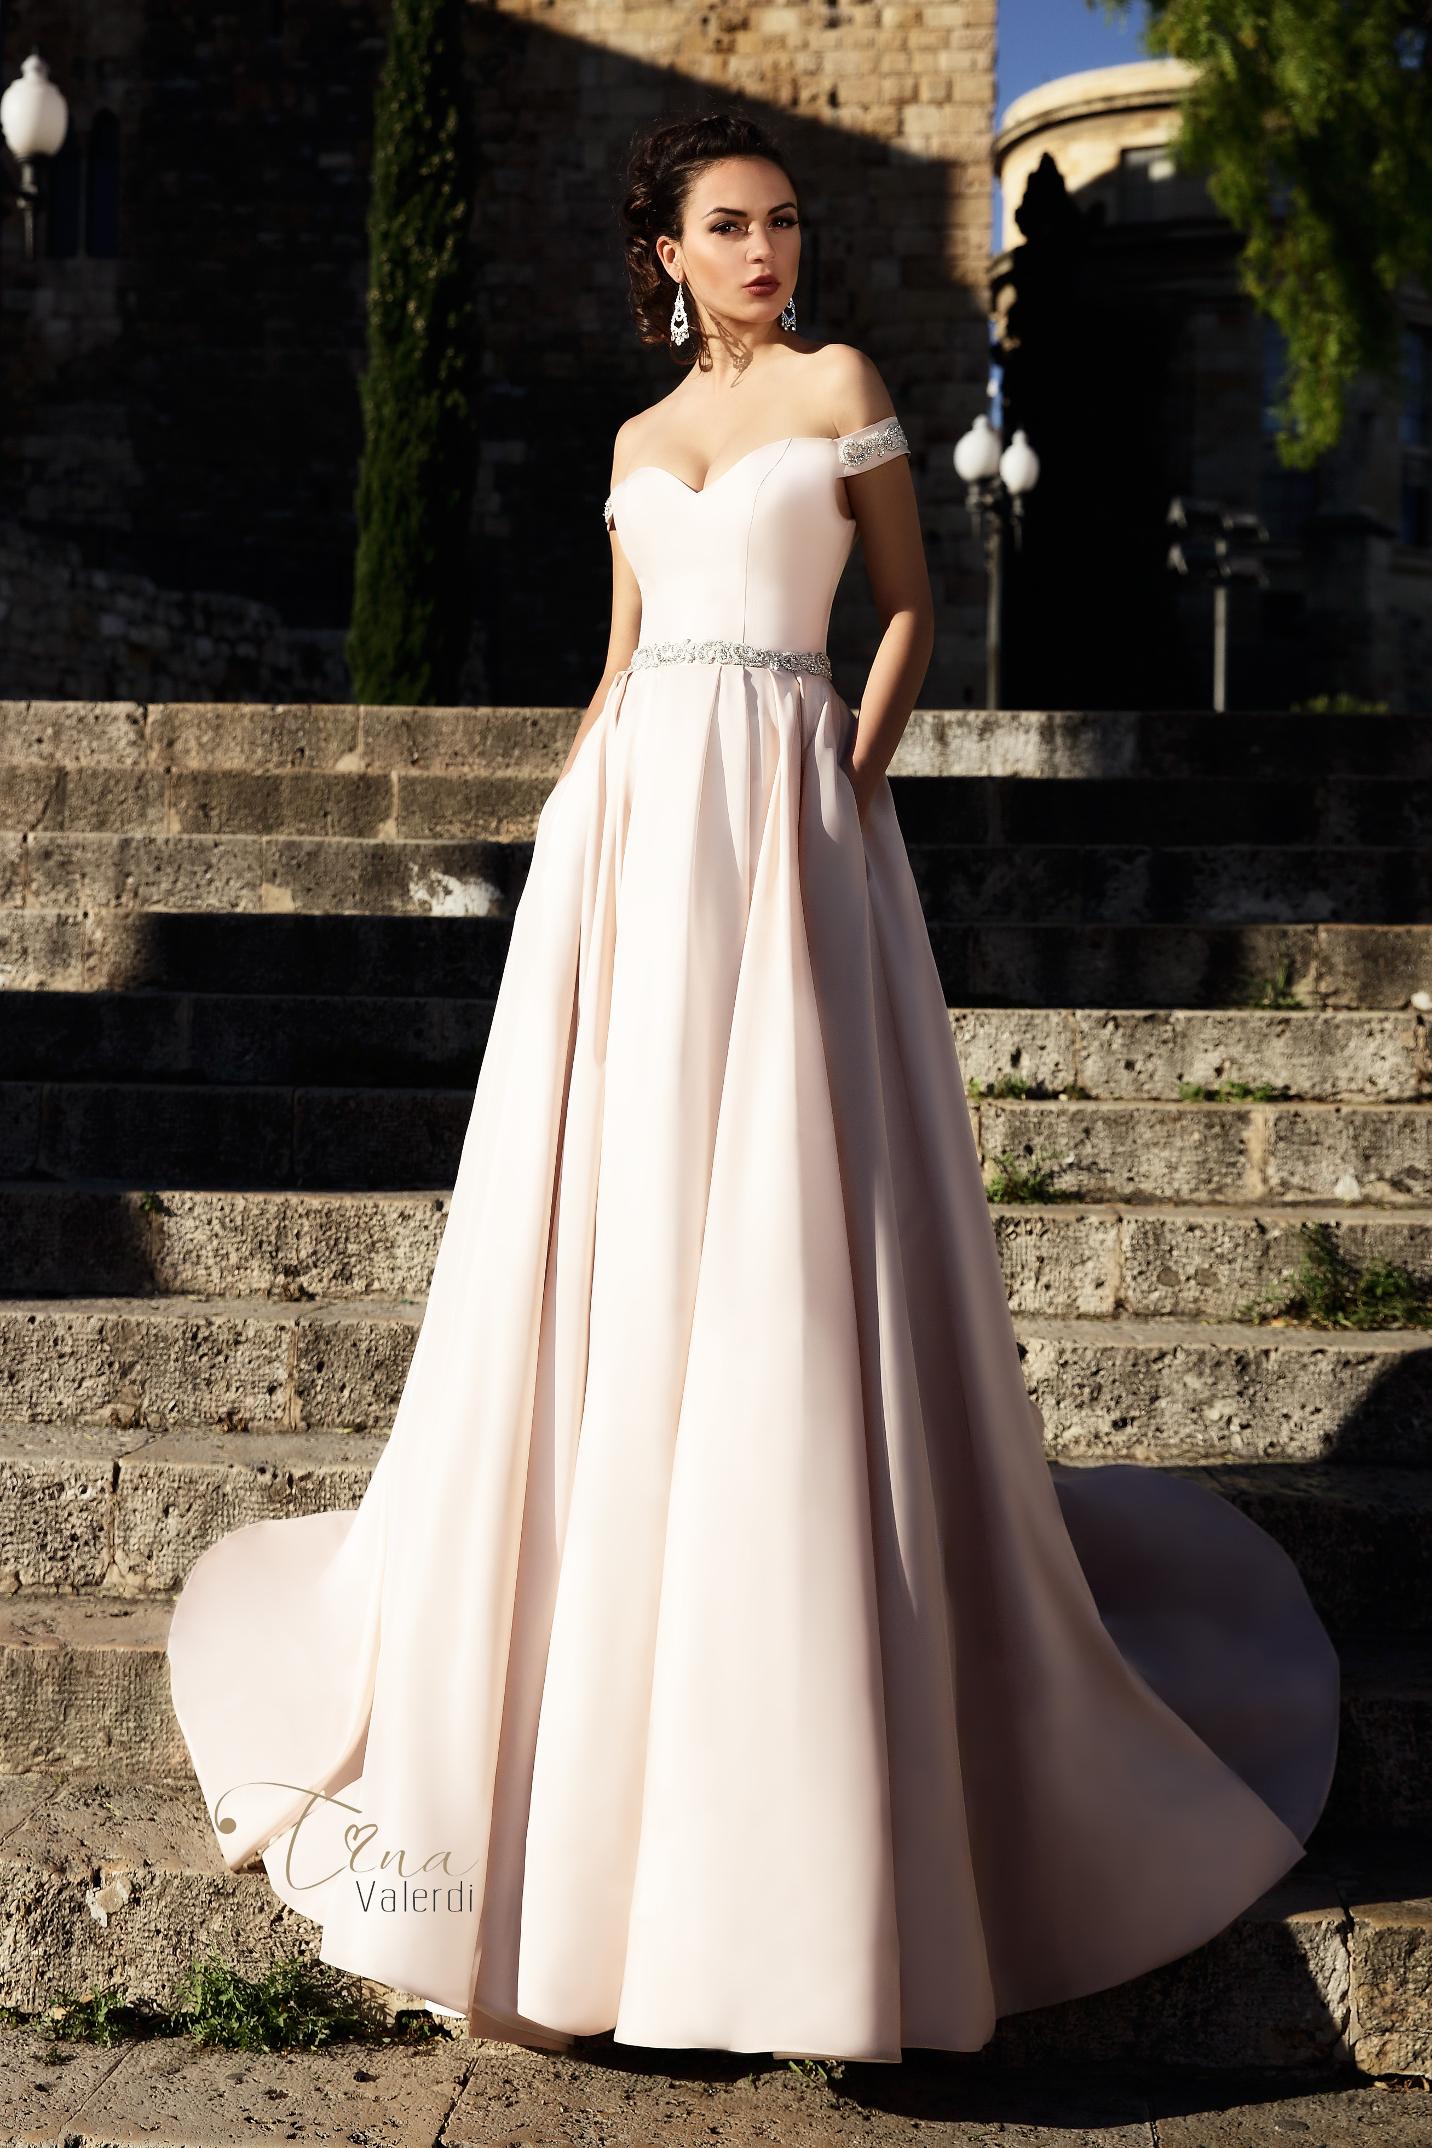 Marisa vestuvinė suknelė